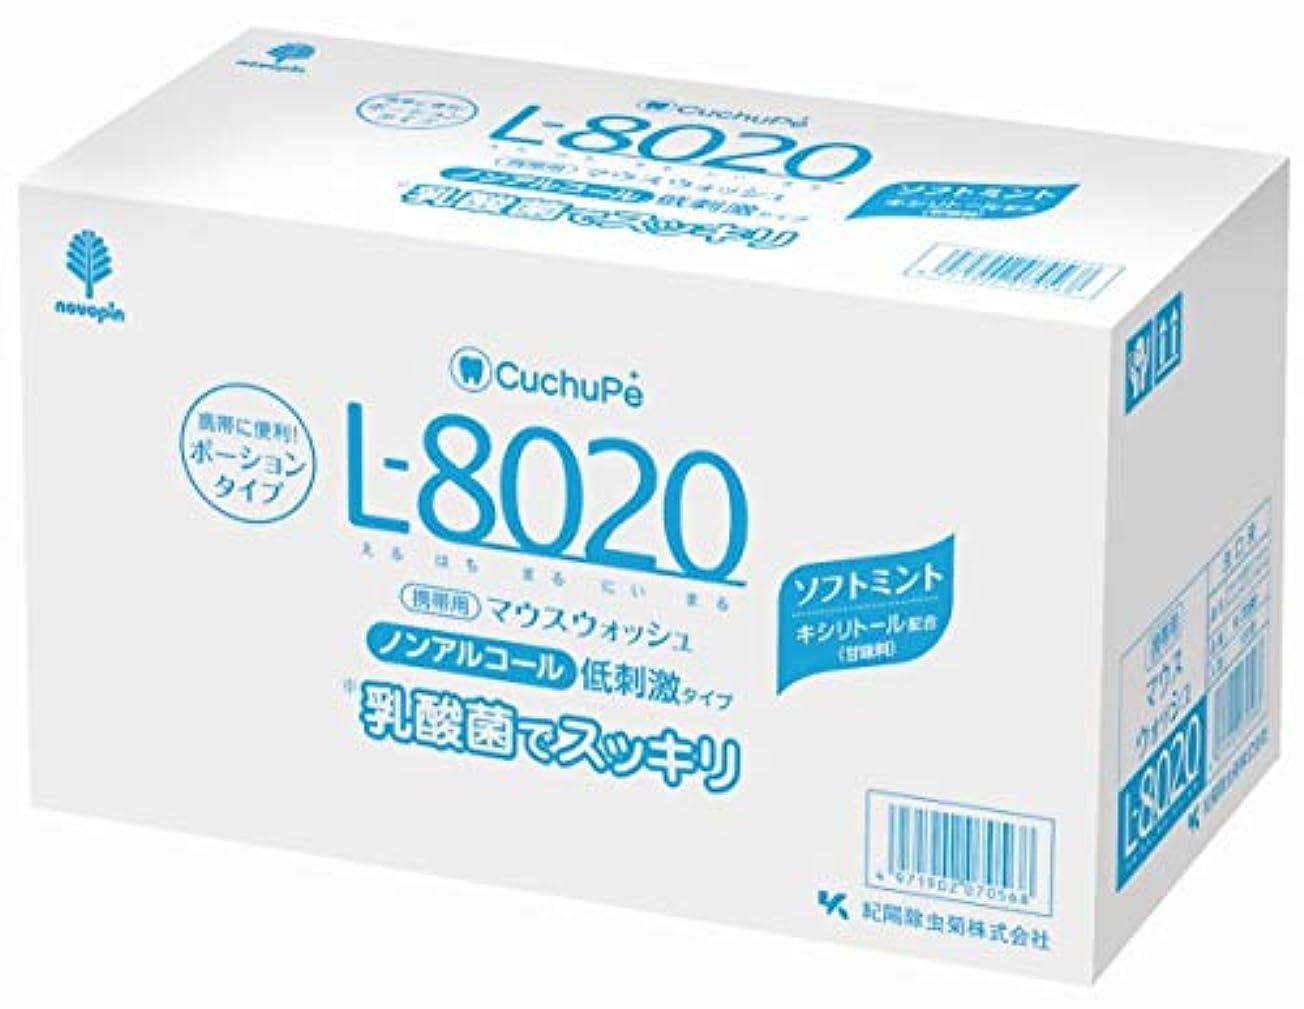 スマート航空艦隊日本製 made in japan クチュッペL-8020 ソフトミント ポーションタイプ100個入(ノンアルコール) K-7098【まとめ買い10個セット】